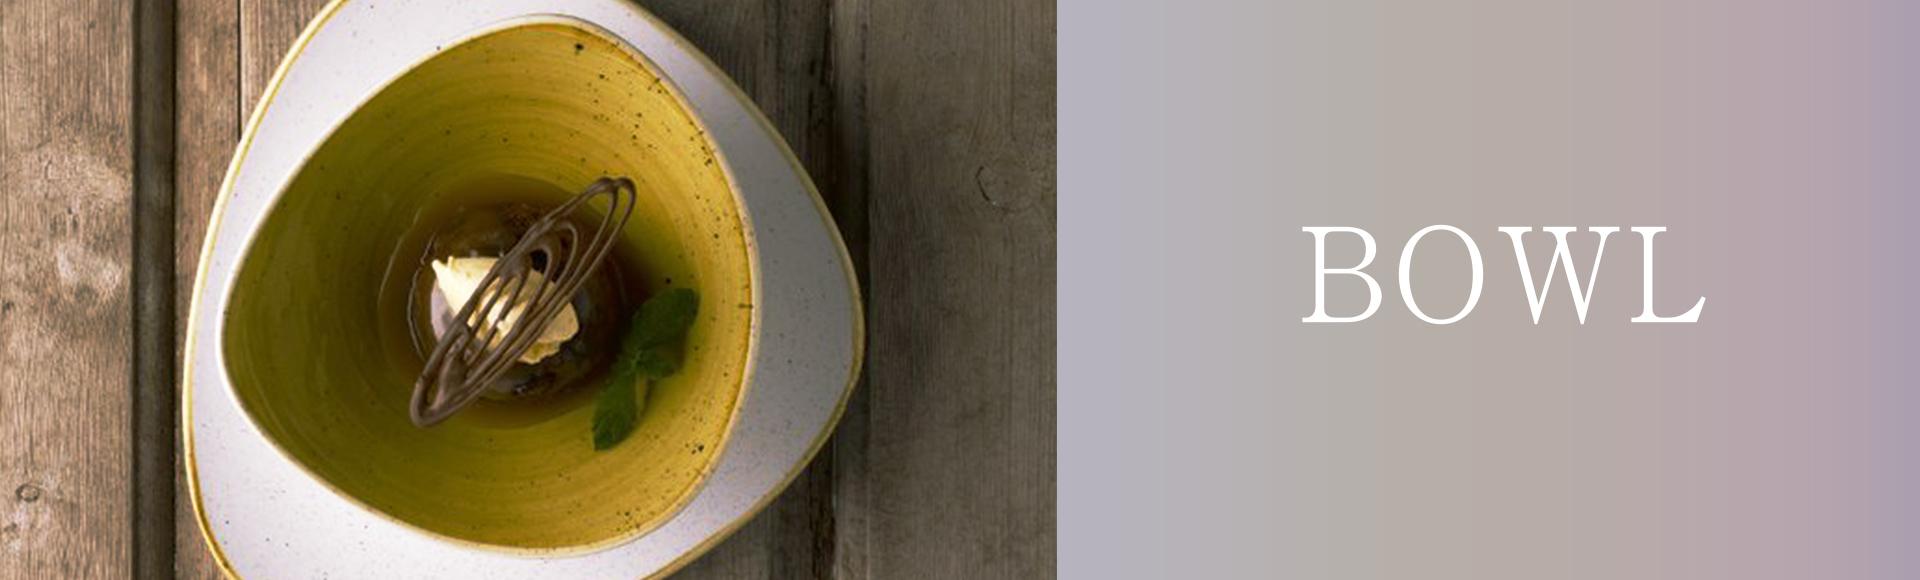 イギリスの食器ブランドStonecast。少し大き目サイズの、自然にインスピレーションを得たユニークな形や色のボウルがそろいます。